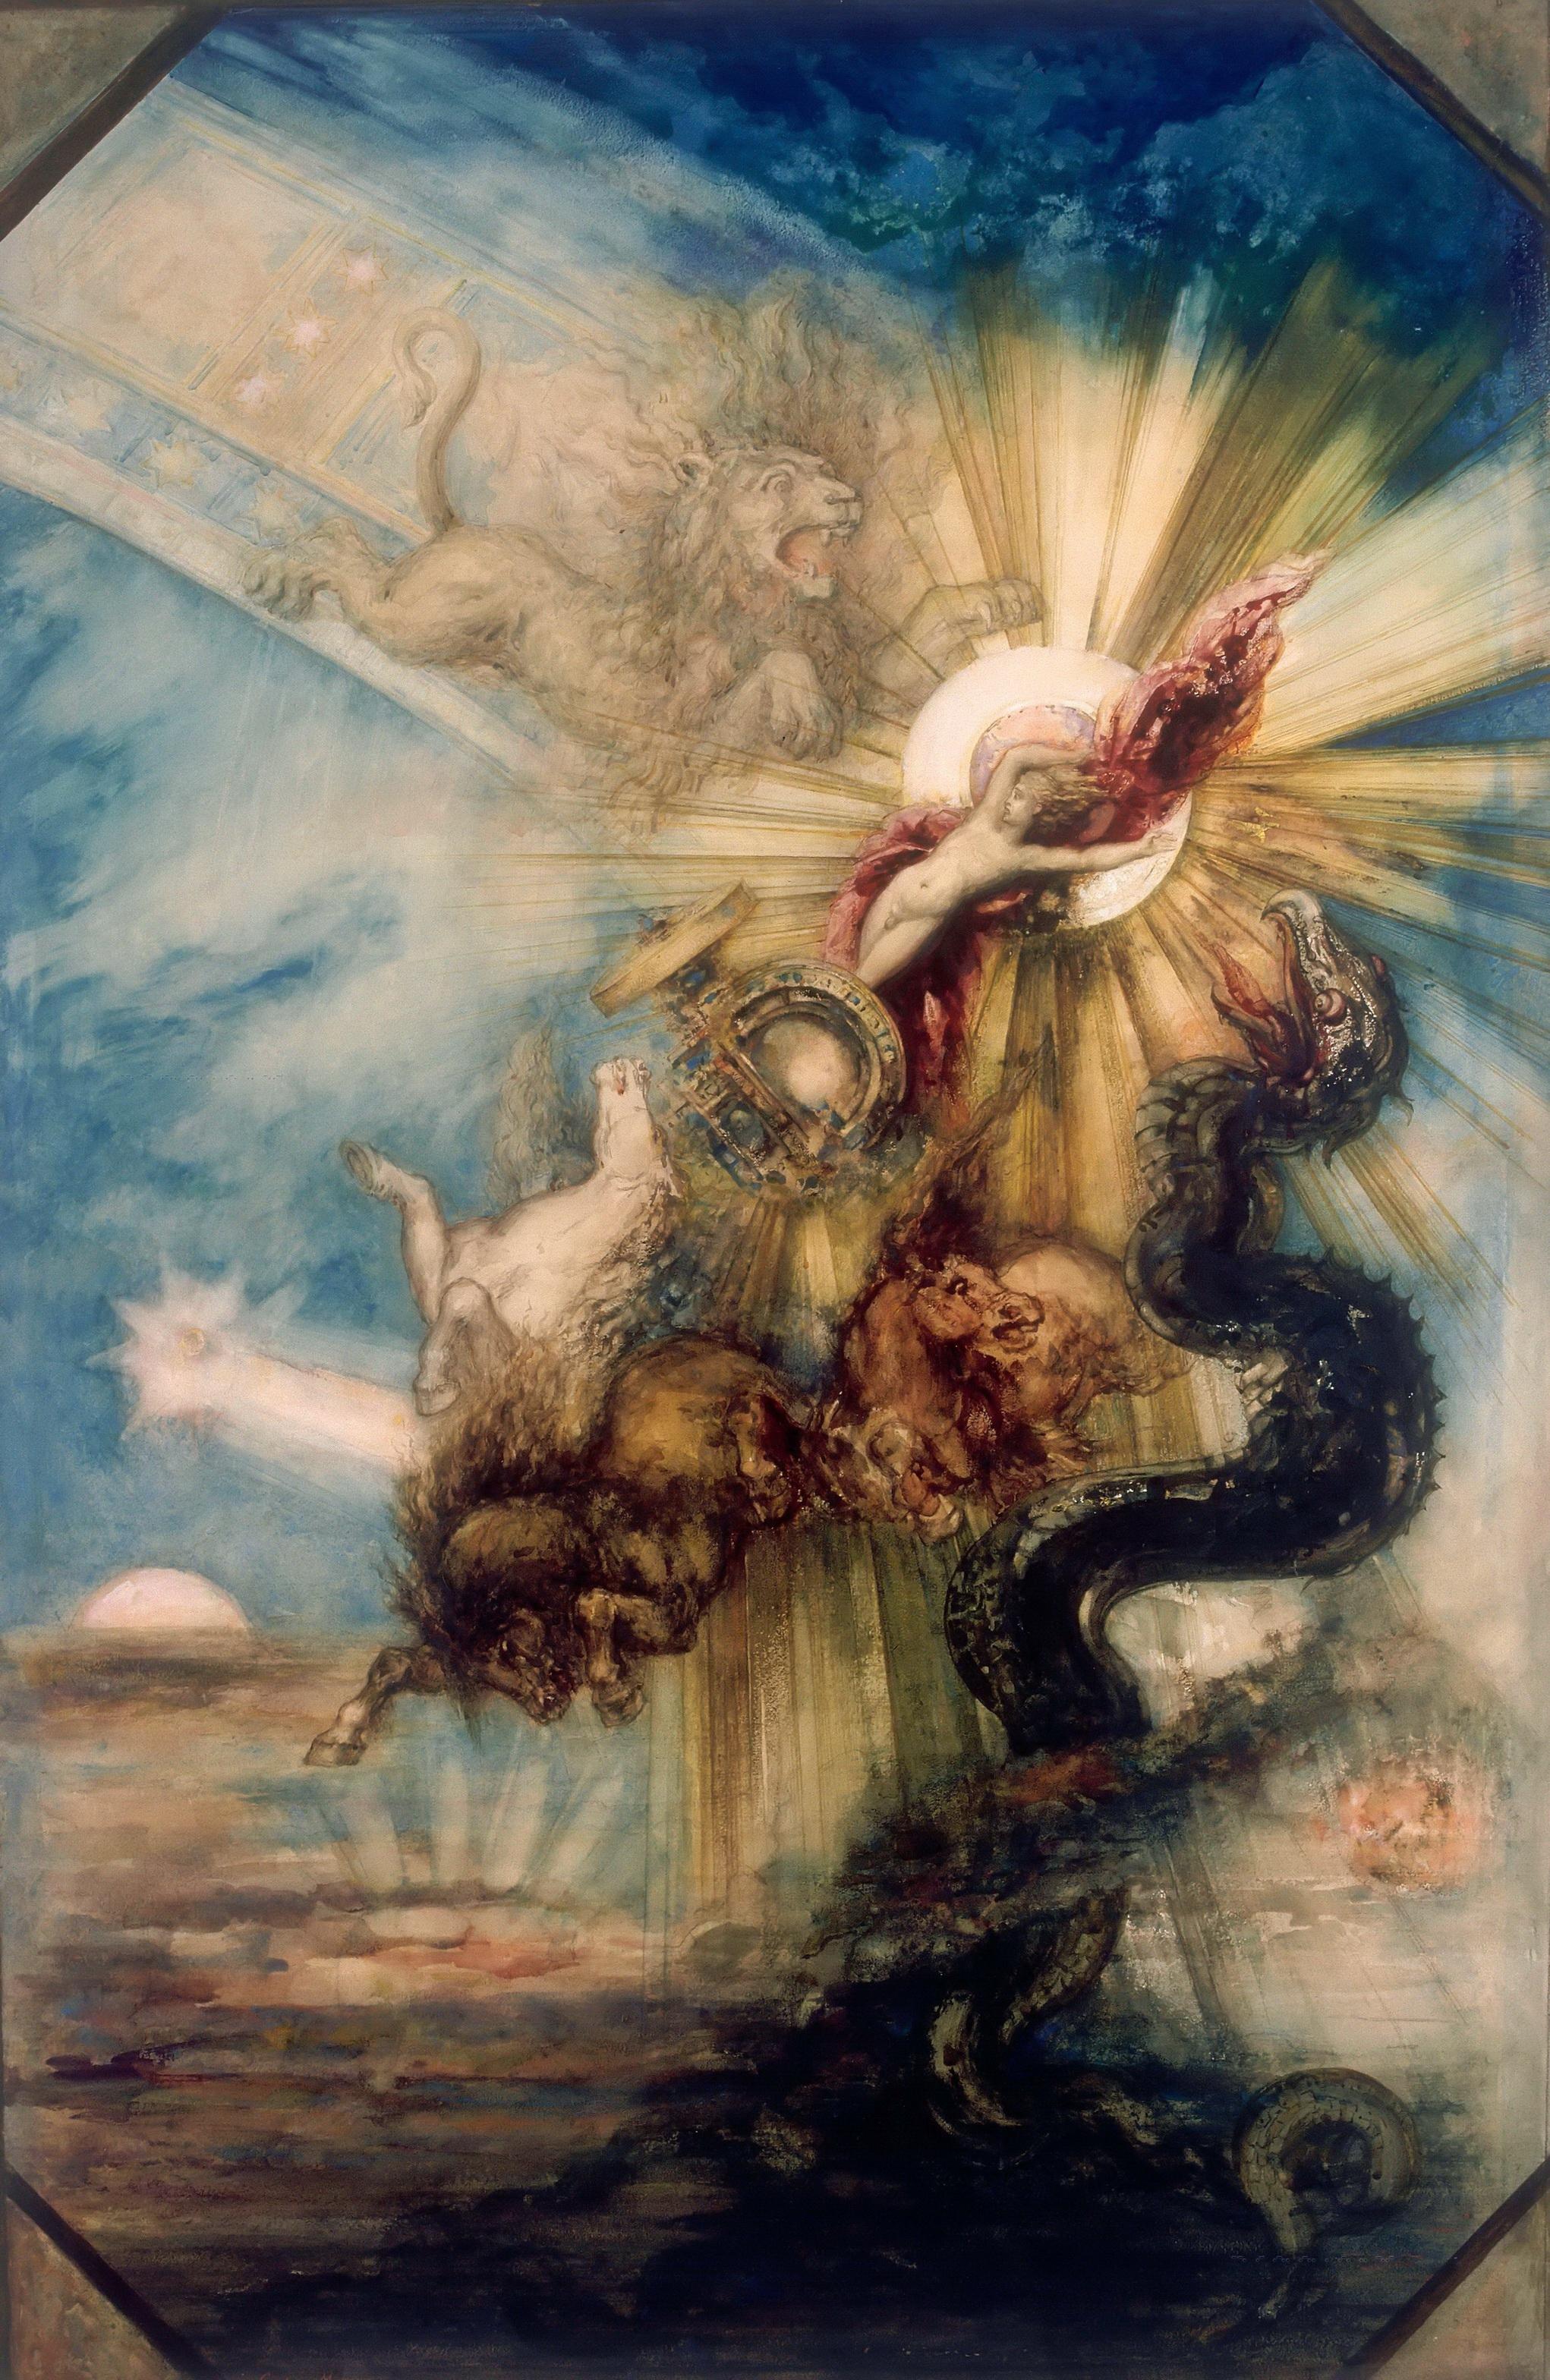 Падение Фаэтона (99 х 65 см) (акварель и гуашь) (Париж, Лувр)